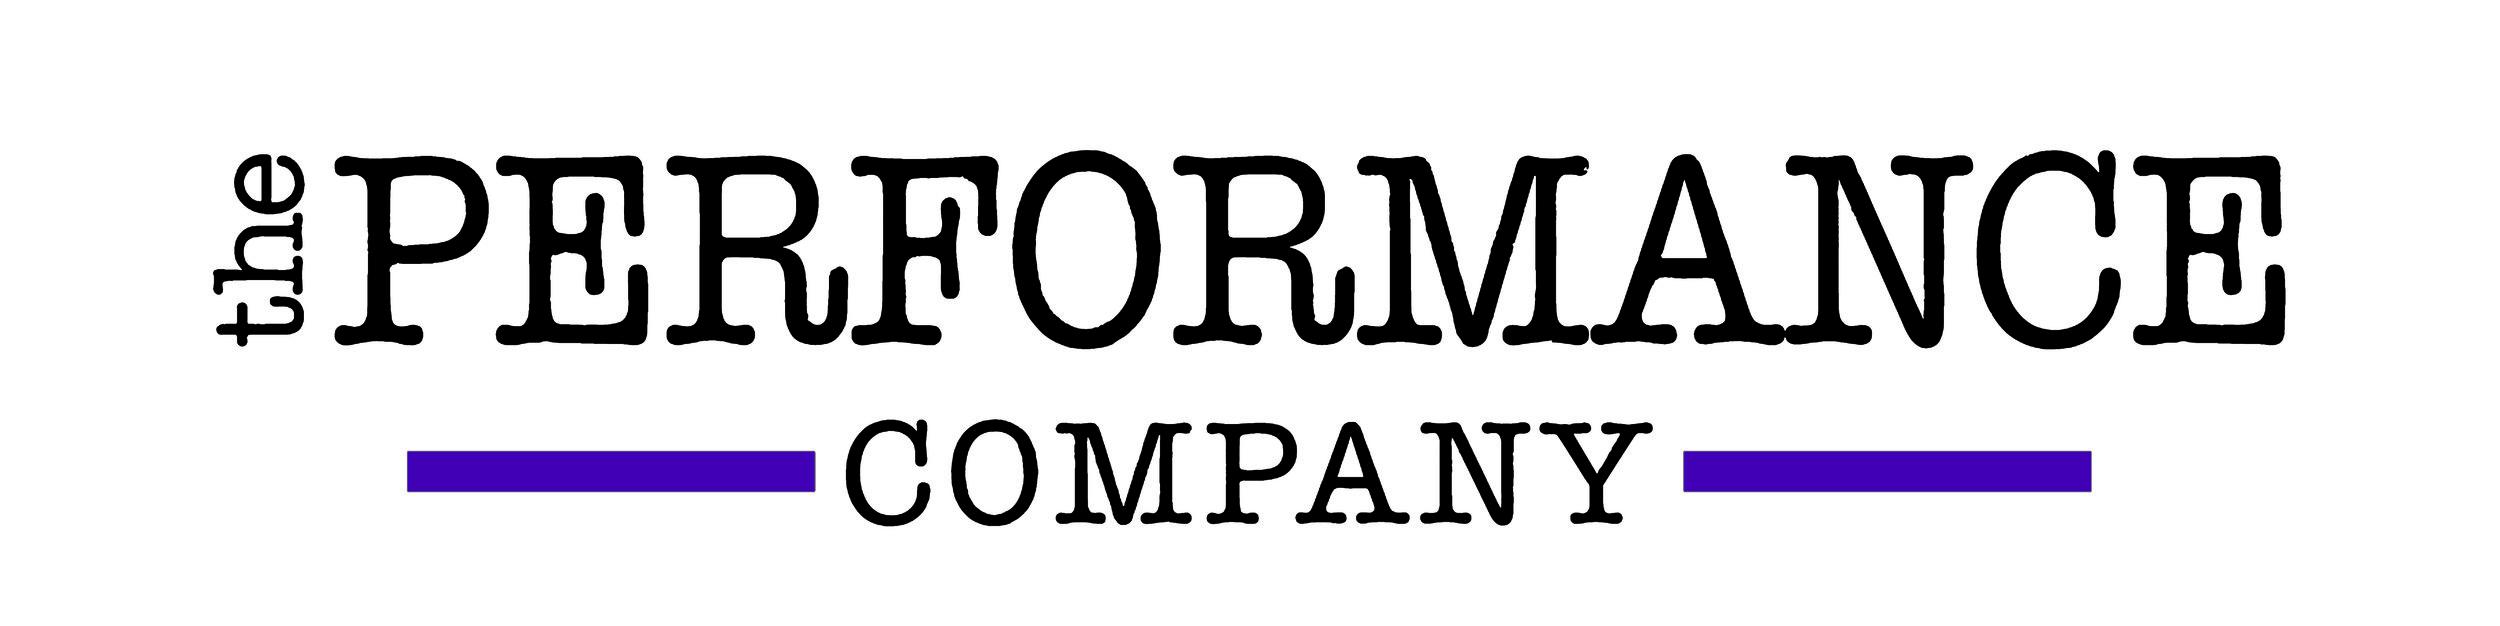 TPC_Hoizontal_Logo.jpg